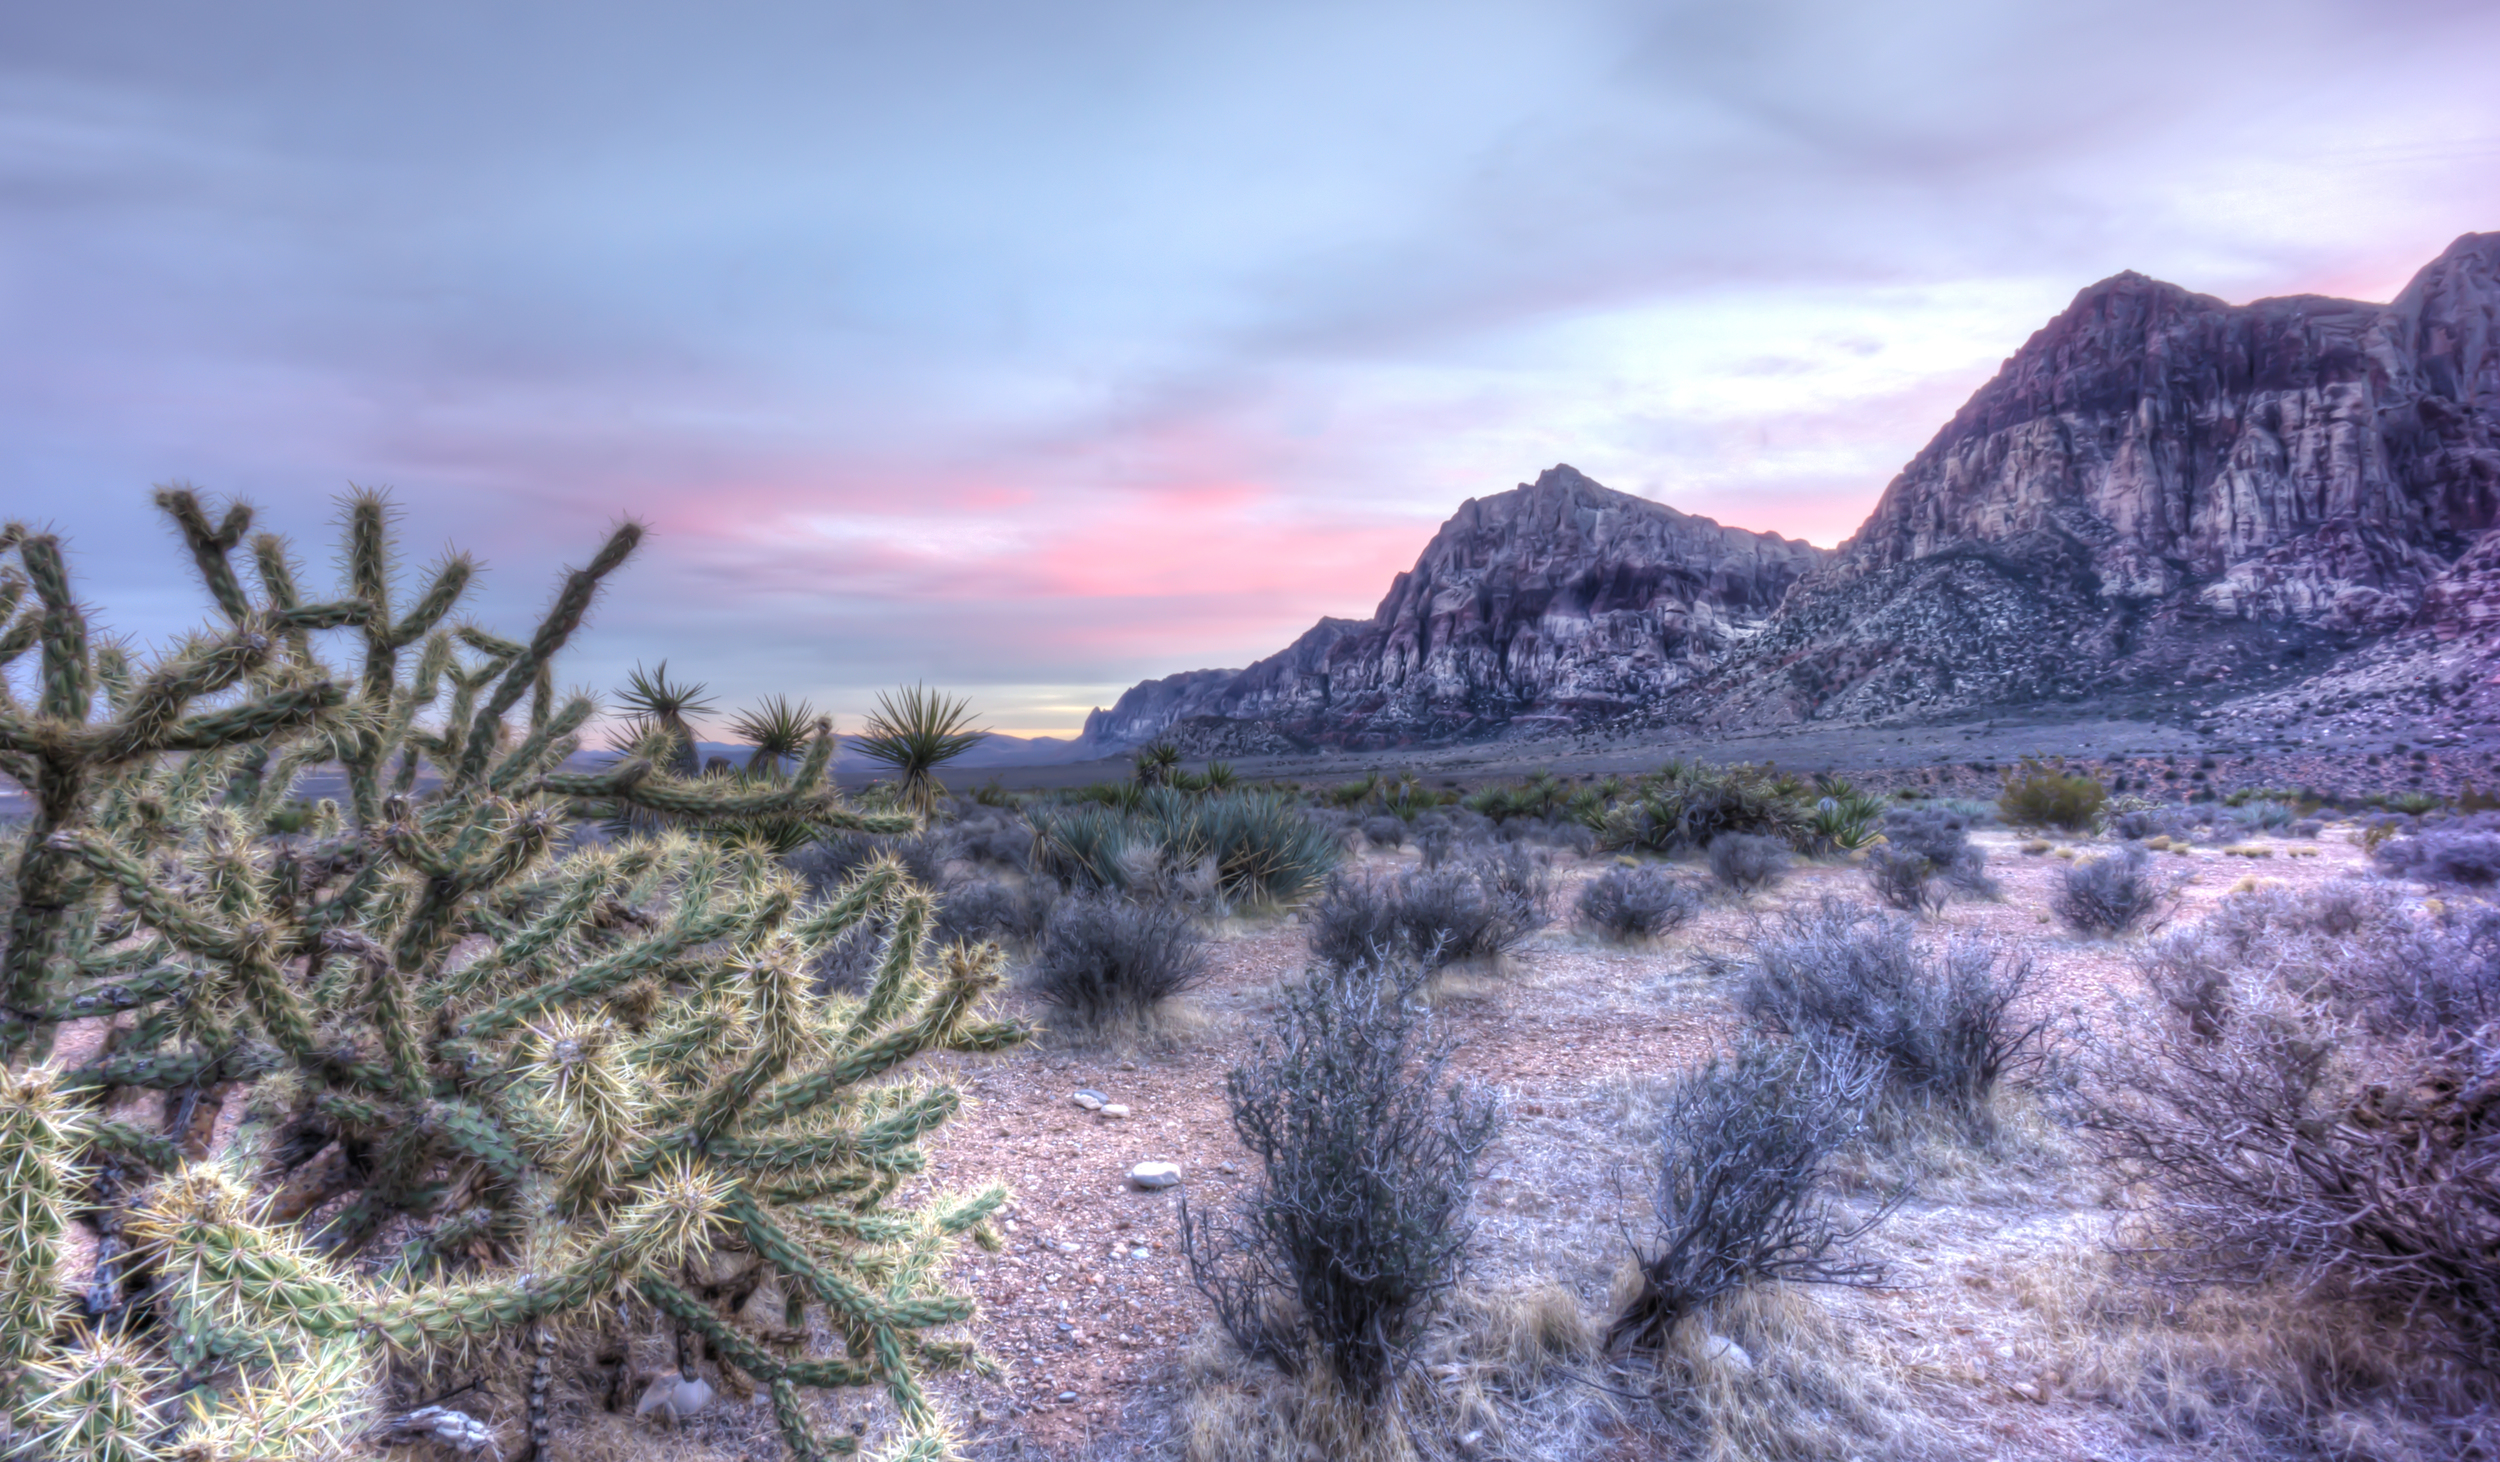 Cactus at Red Rock Canyon, Nevada